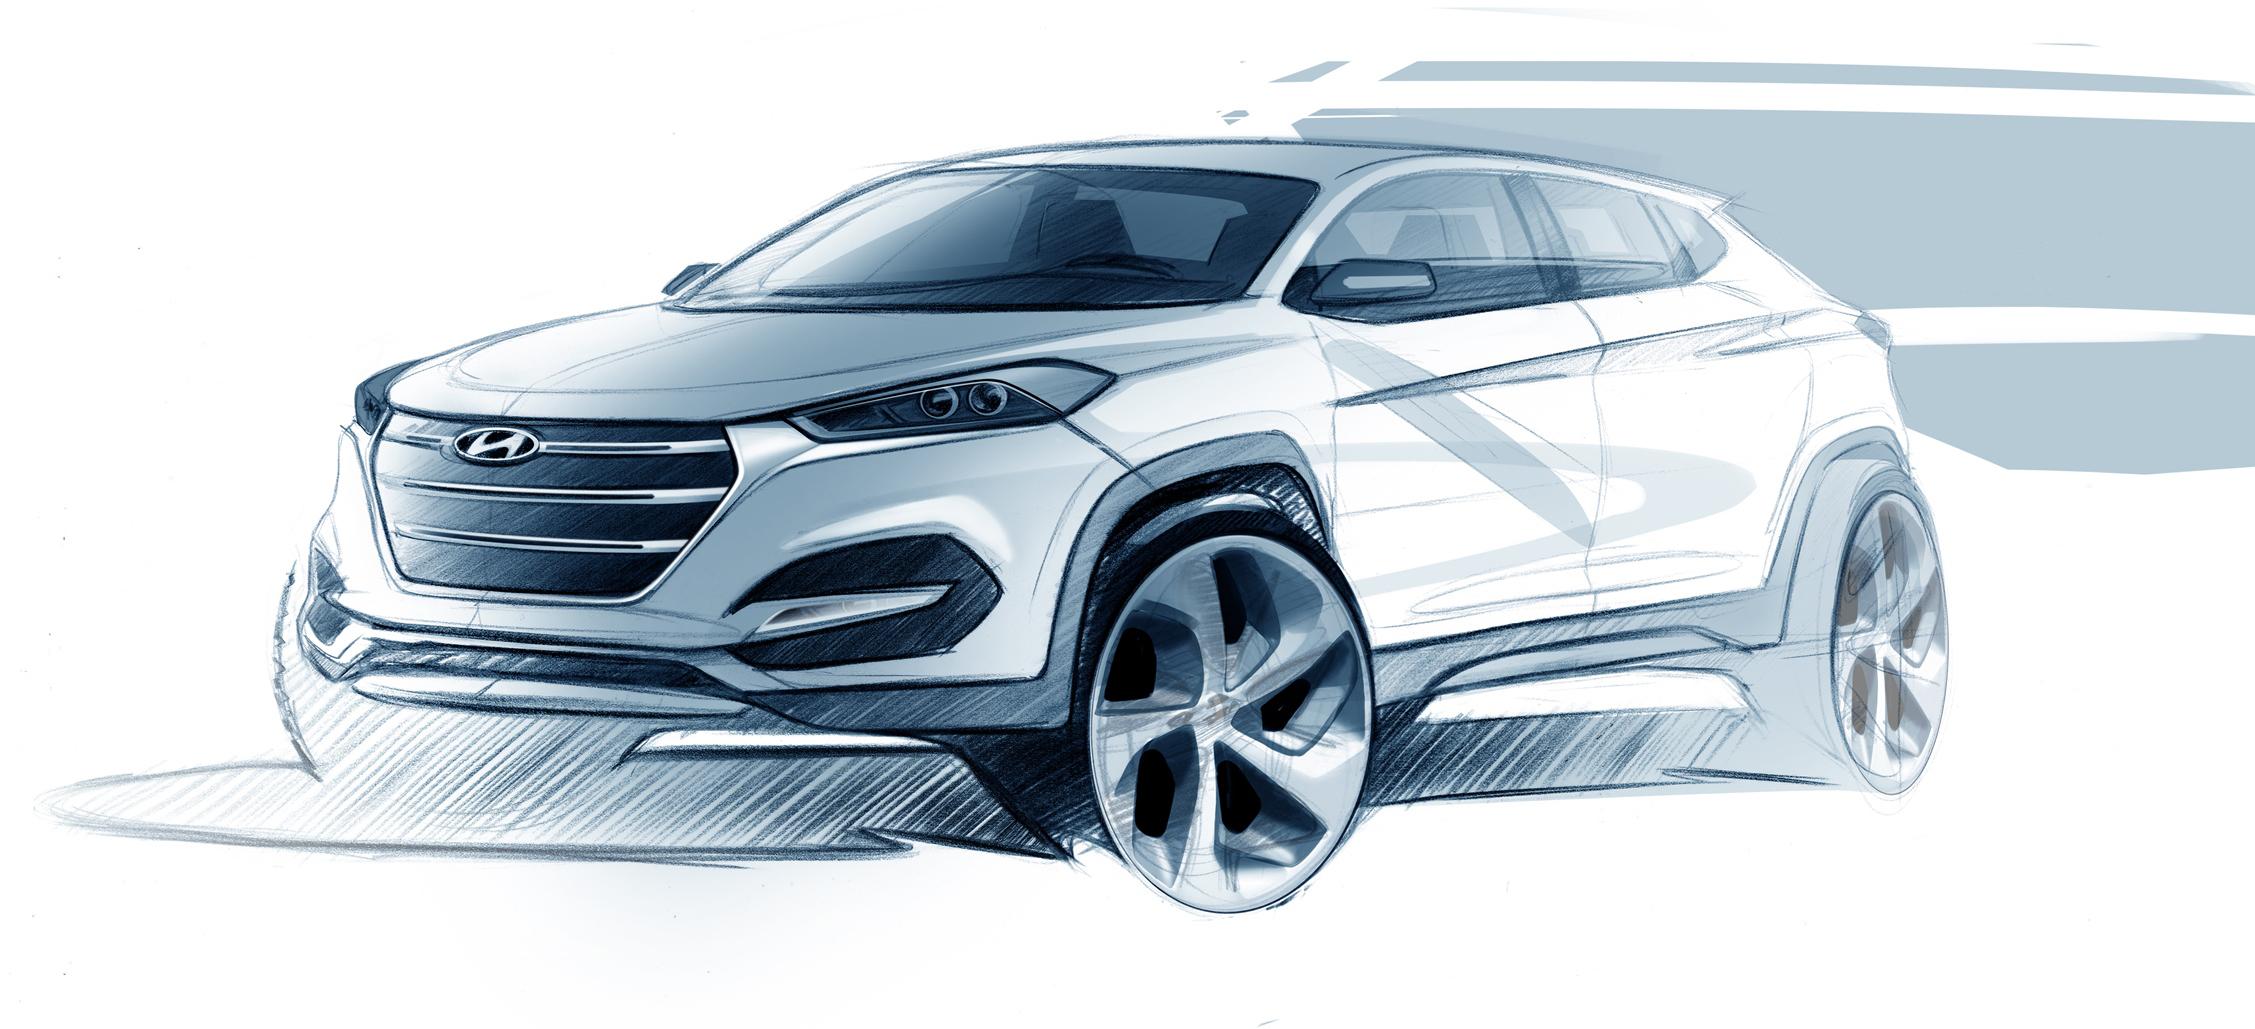 Yeni Hyundai Tucson  çok daha güçlü ve sportif